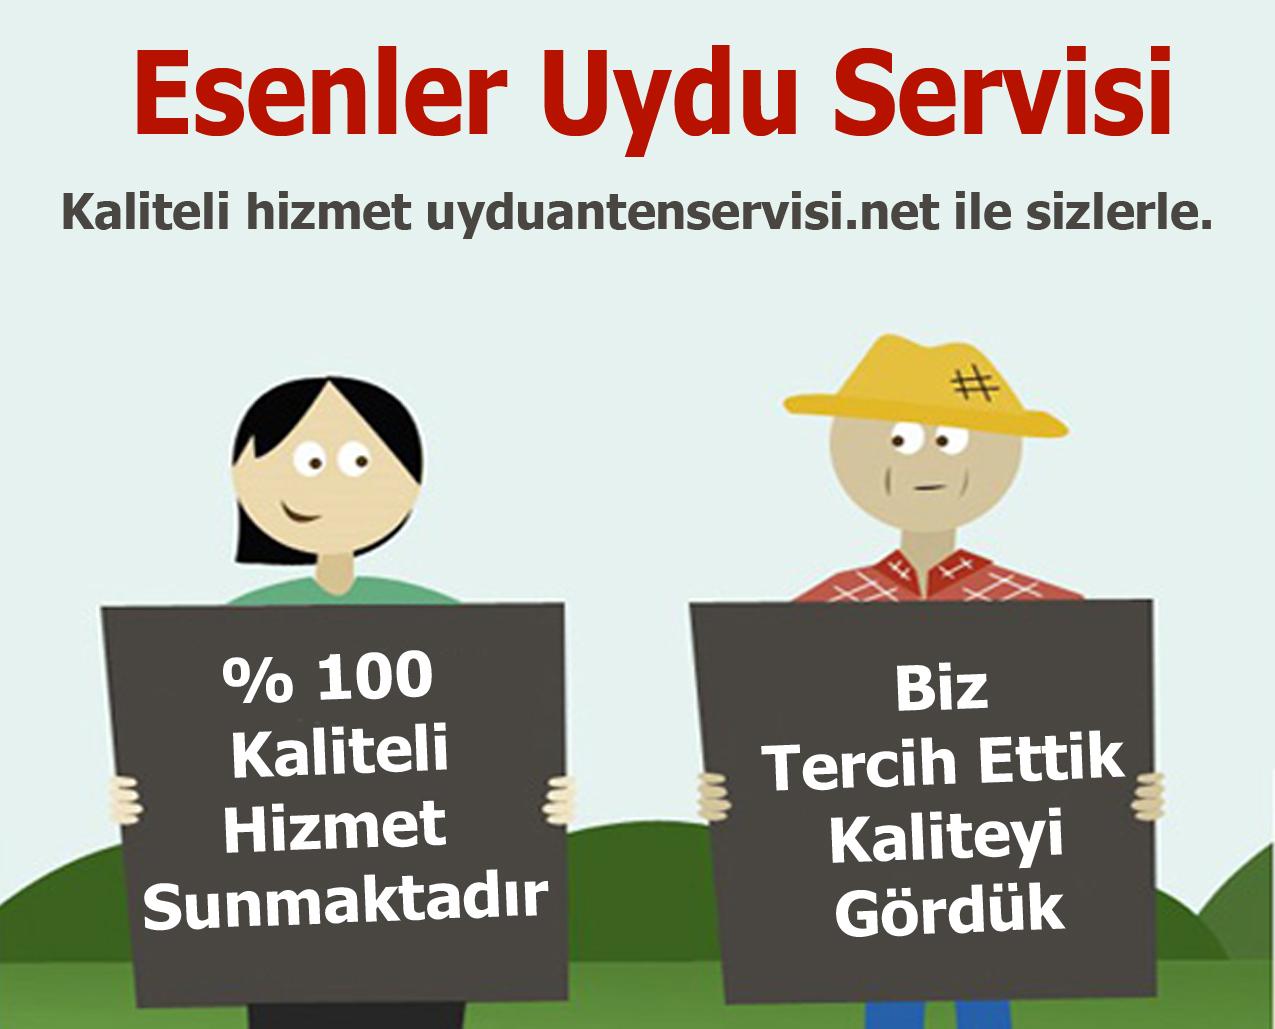 esenler-uydu-servisi-infografik